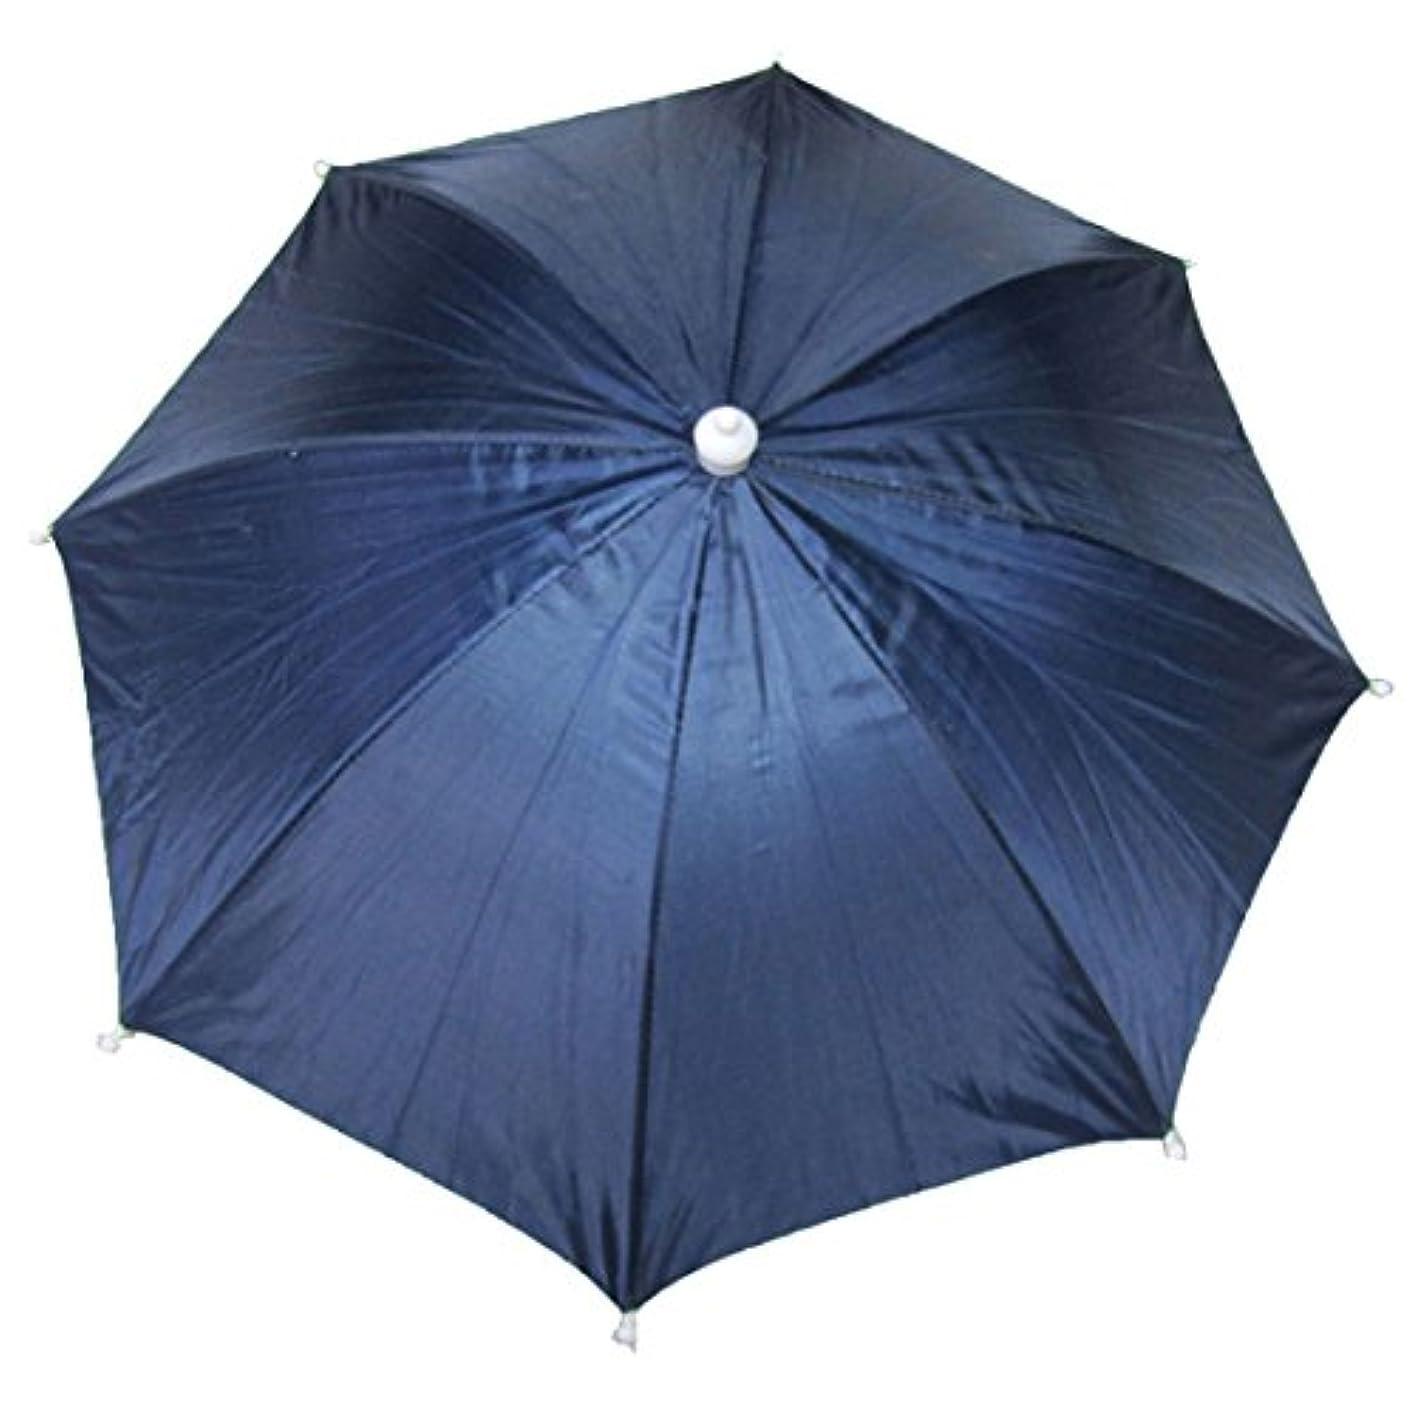 改修ヤングトランペットuxcell 釣り傘 傘帽子 釣り用 ヘッドバンド 傘ハット 帽子傘帽子 調節可能なヘッドバンド ネイビーブルー 固定用のナイロンストラップ